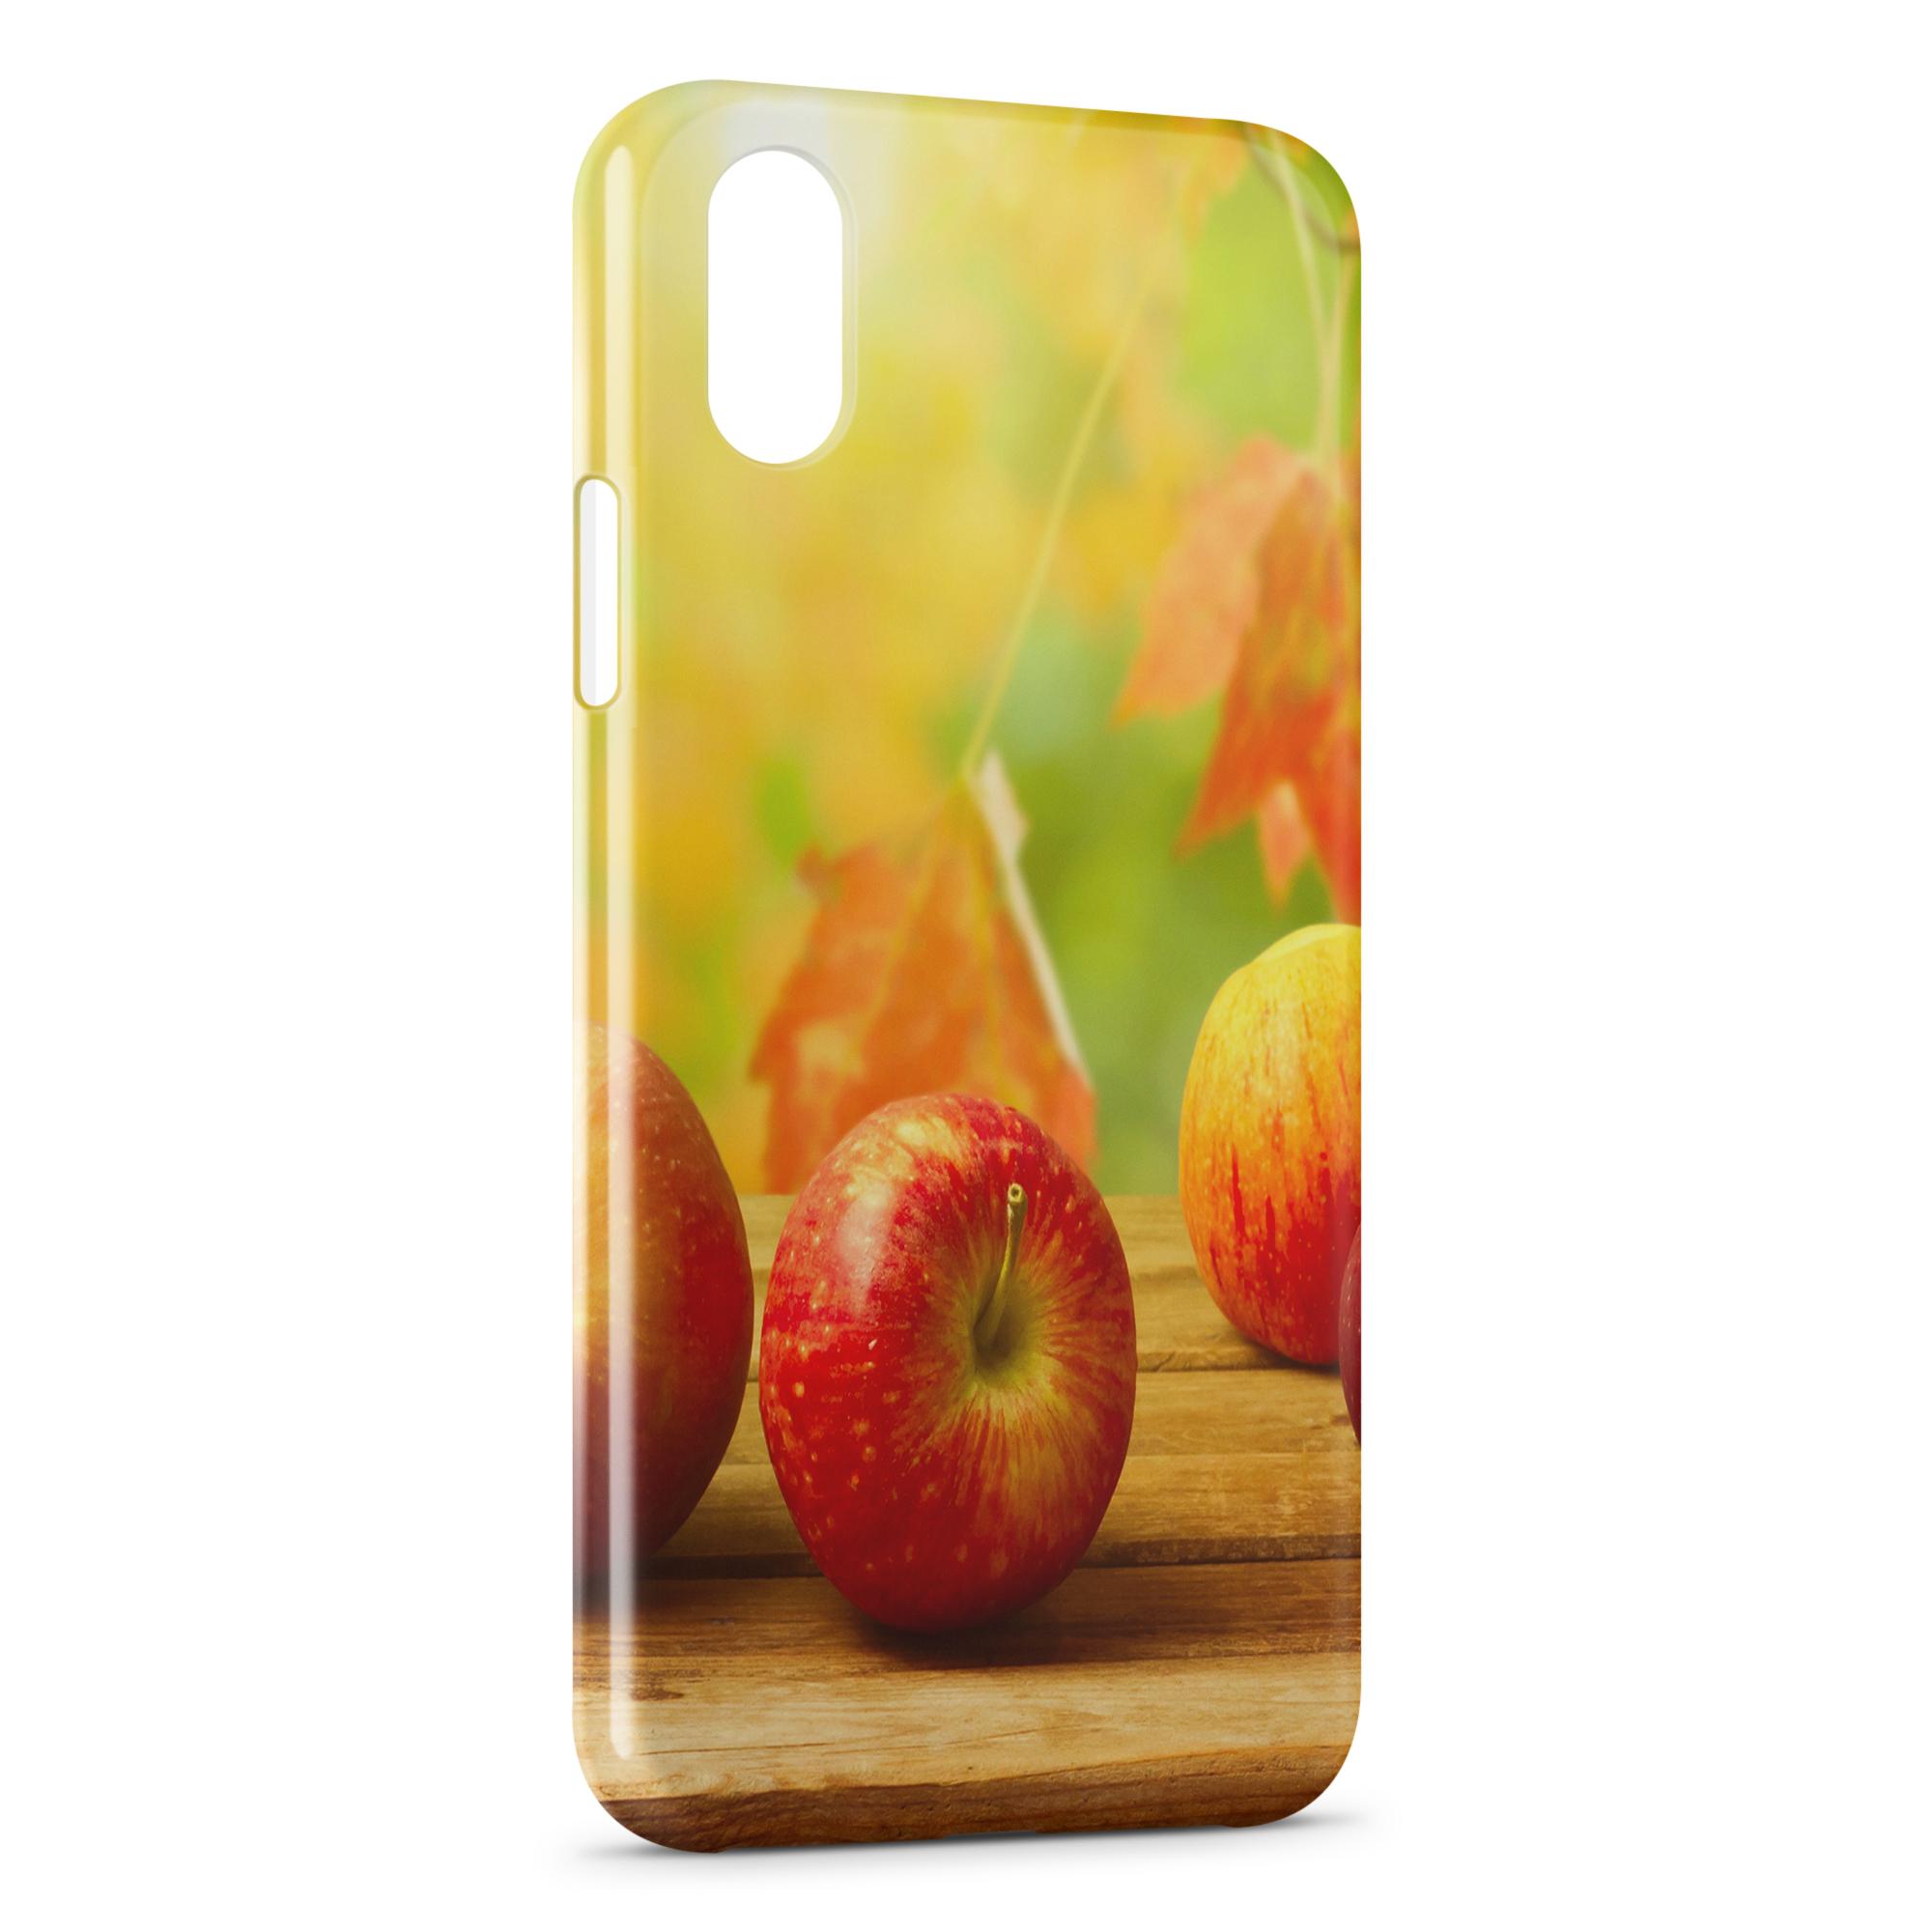 coque iphone xs max automne